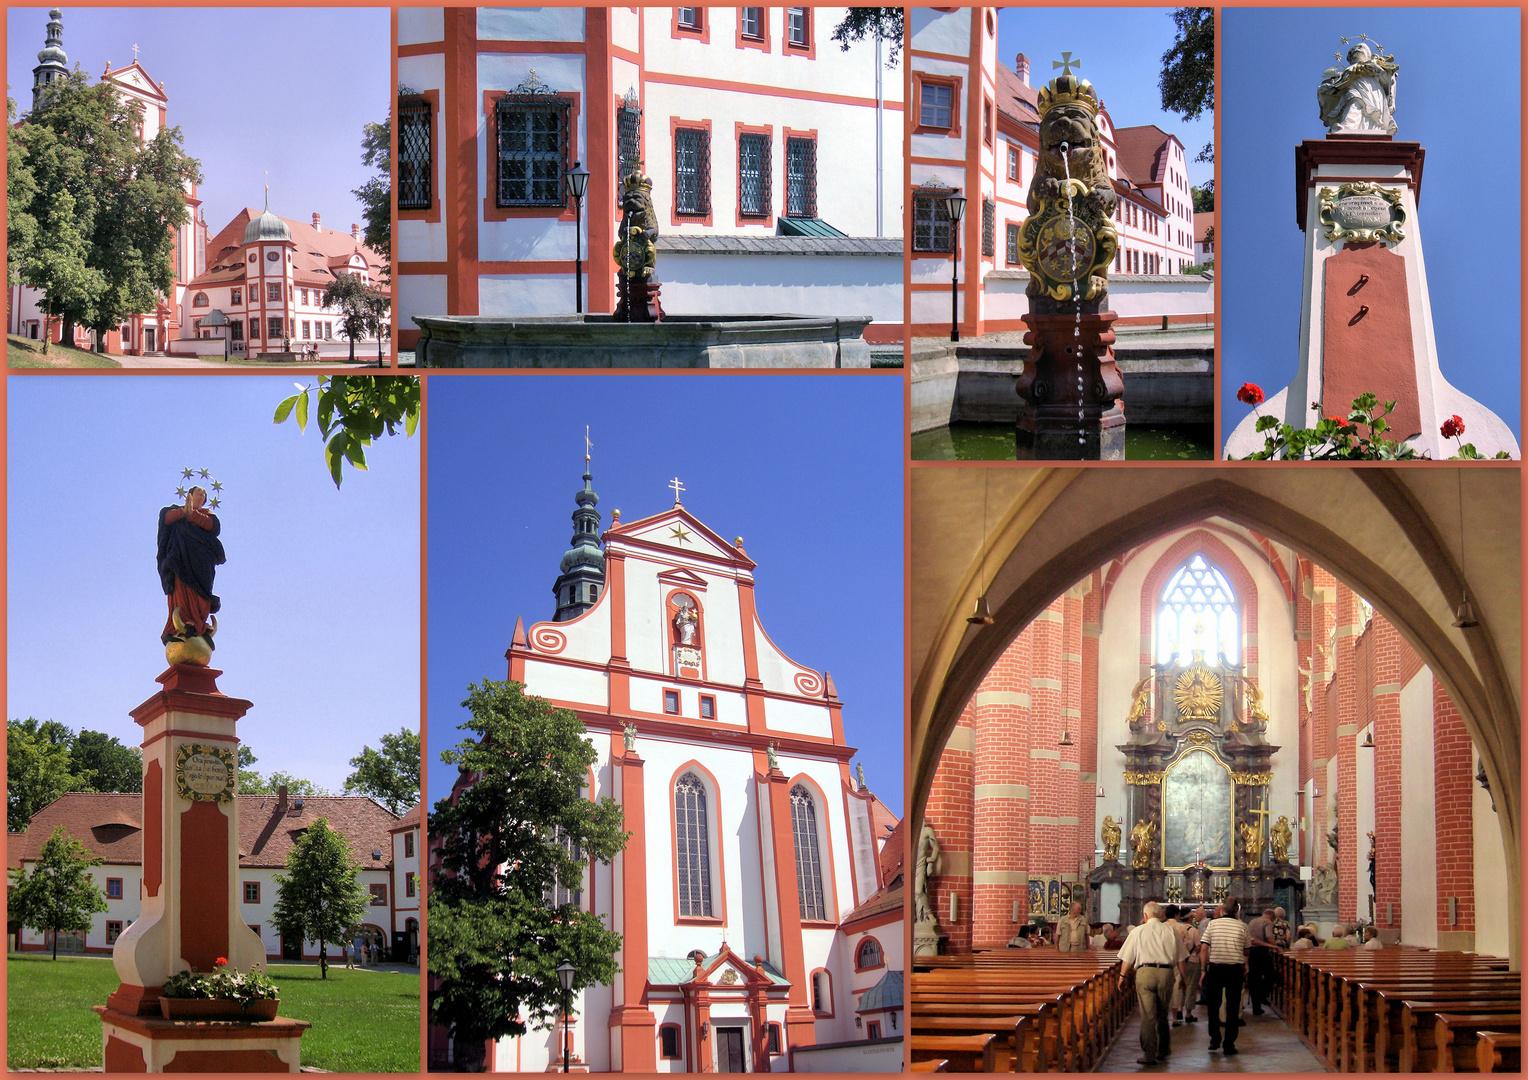 St. Marienstern